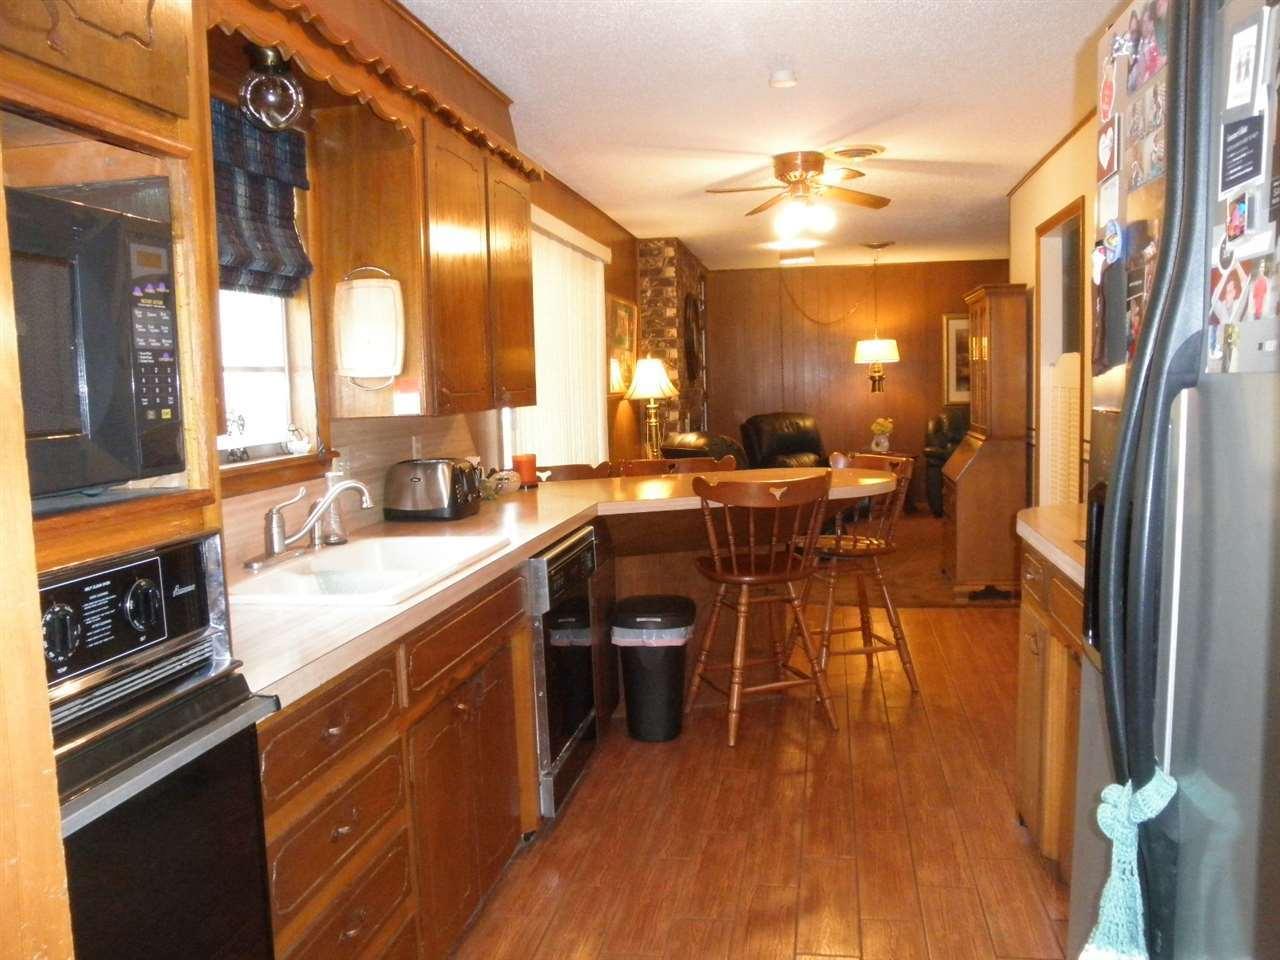 Sold Cross Sale W/ MLS | 1209 El Camino Ponca City, OK 74604 5